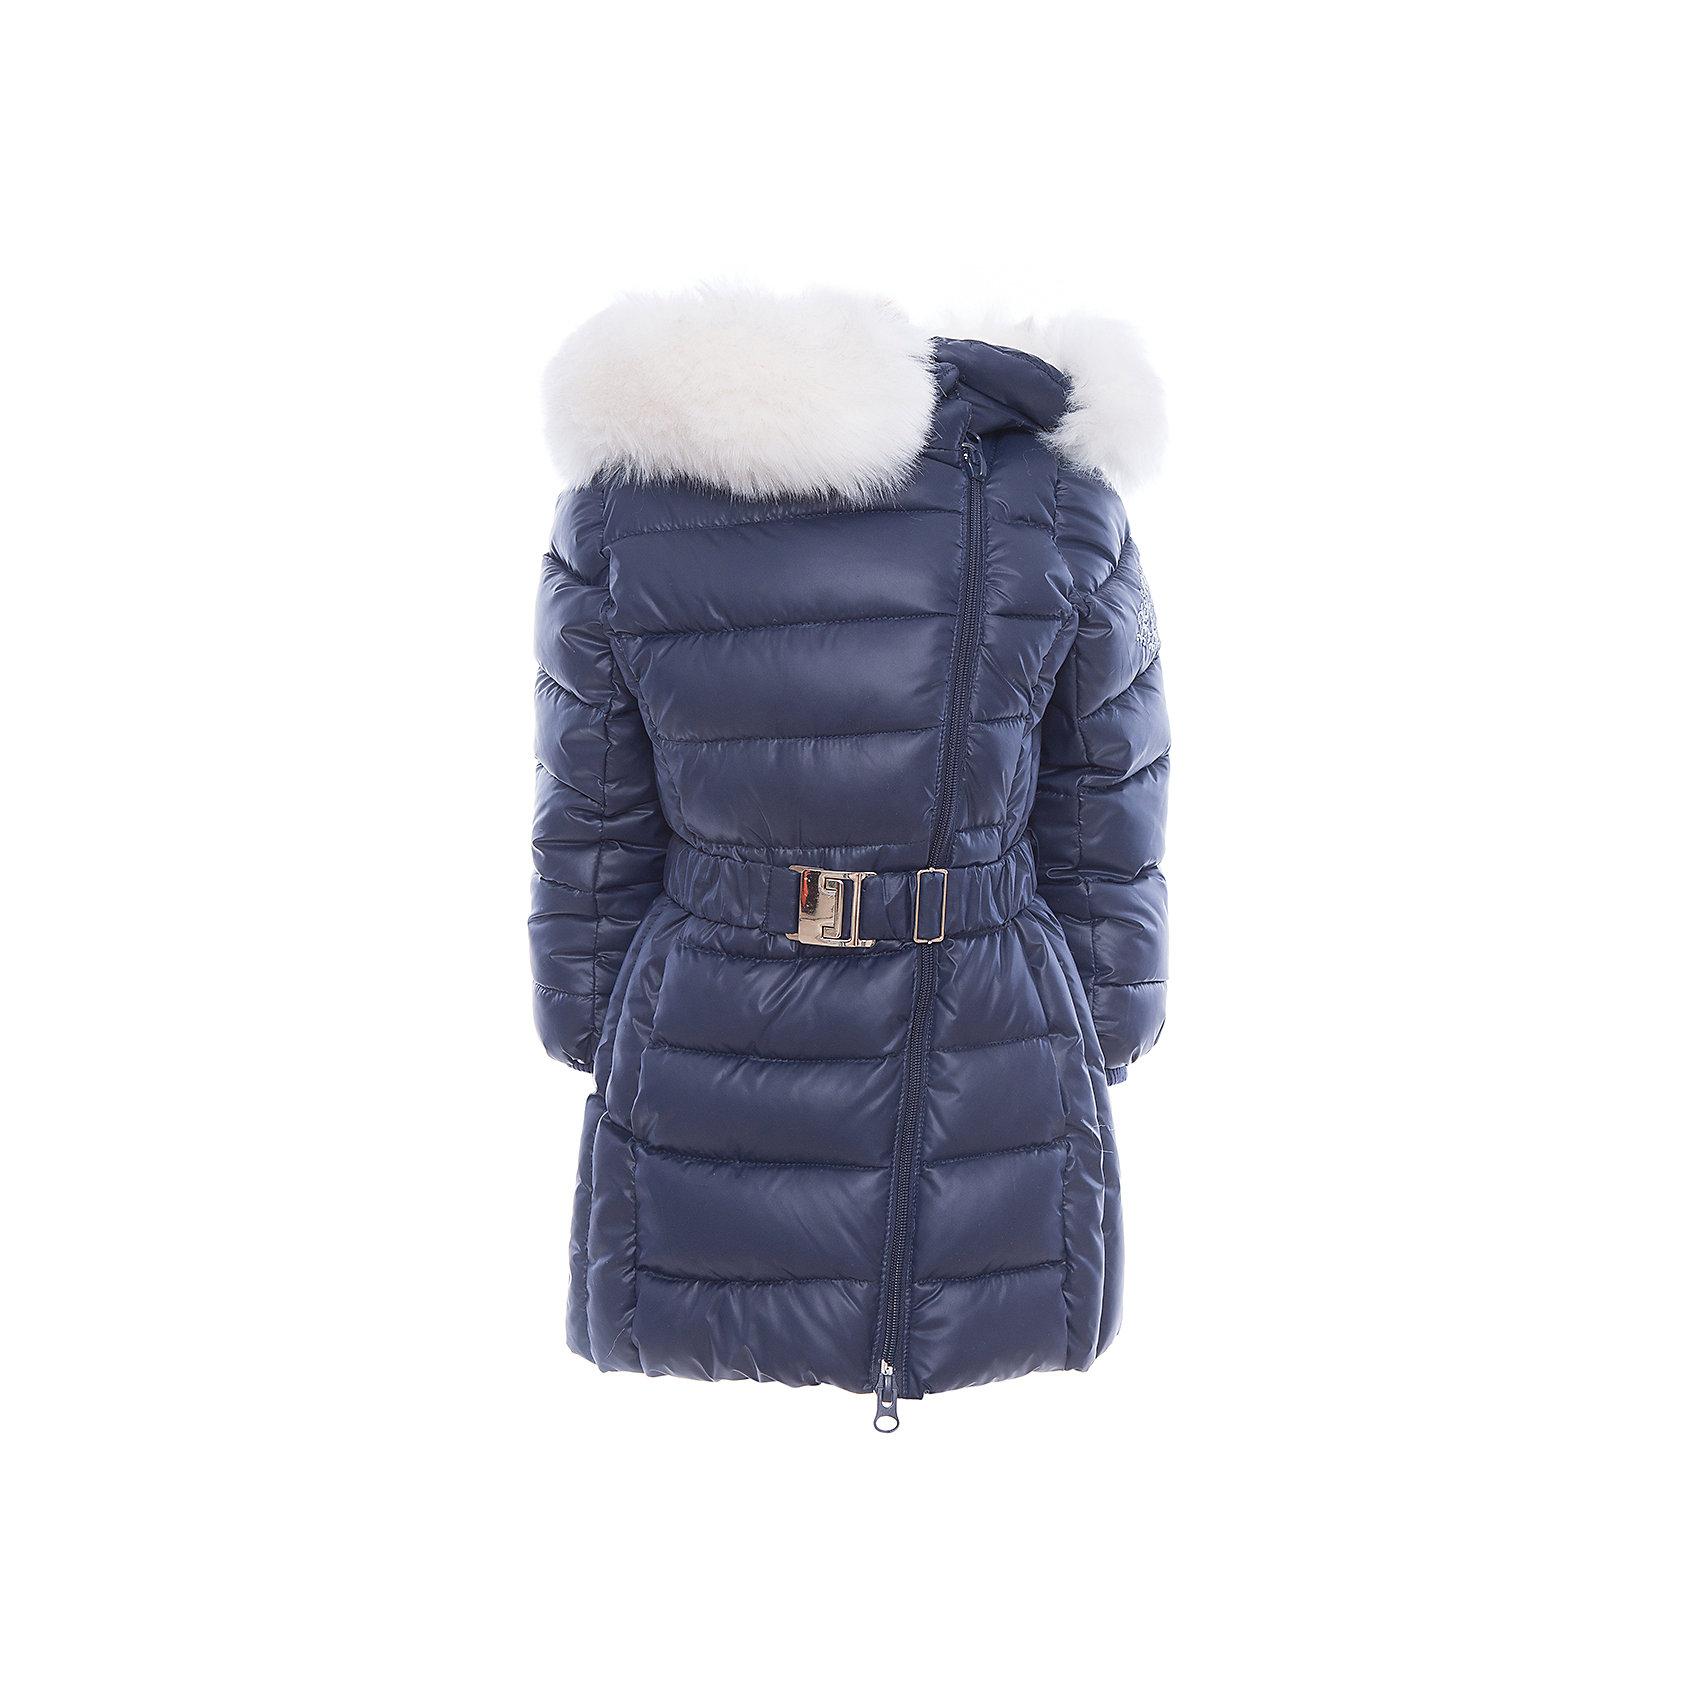 Пальто для девочки BOOM by OrbyХарактеристики изделия:<br><br>- материал верха: мягкая болонь;<br>- подкладка: ПЭ, флис;<br>- утеплитель: Flexy Fiber 400 г/м2, <br>- отделка: искуственный мех;<br>- утеплитель: Flexy Fiber 400 г/м2, <br>- фурнитура: металл, пластик;<br>- застежка: молния;<br>- высокий воротник;<br>- эластичный пояс;<br>- вышивка;<br>- температурный режим до -30°С<br><br><br>В холодный сезон девочки хотят одеваться не только тепло, но и модно. Это стильное и теплое пальто позволит ребенку наслаждаться зимним отдыхом, не боясь замерзнуть, и выглядеть при этом очень симпатично.<br>Теплое пальто плотно сидит благодаря манжетам и надежным застежкам. Оно смотрится очень эффектно благодаря пушустому меху на капюшоне и ассиметричной молнии. Пальто дополнено карманами и эластичным поясом.<br><br>Пальто для девочки от бренда BOOM by Orby можно купить в нашем магазине.<br><br>Ширина мм: 356<br>Глубина мм: 10<br>Высота мм: 245<br>Вес г: 519<br>Цвет: синий<br>Возраст от месяцев: 48<br>Возраст до месяцев: 60<br>Пол: Женский<br>Возраст: Детский<br>Размер: 110,152,128,116,134,98,140,104,158,122,146<br>SKU: 4982597